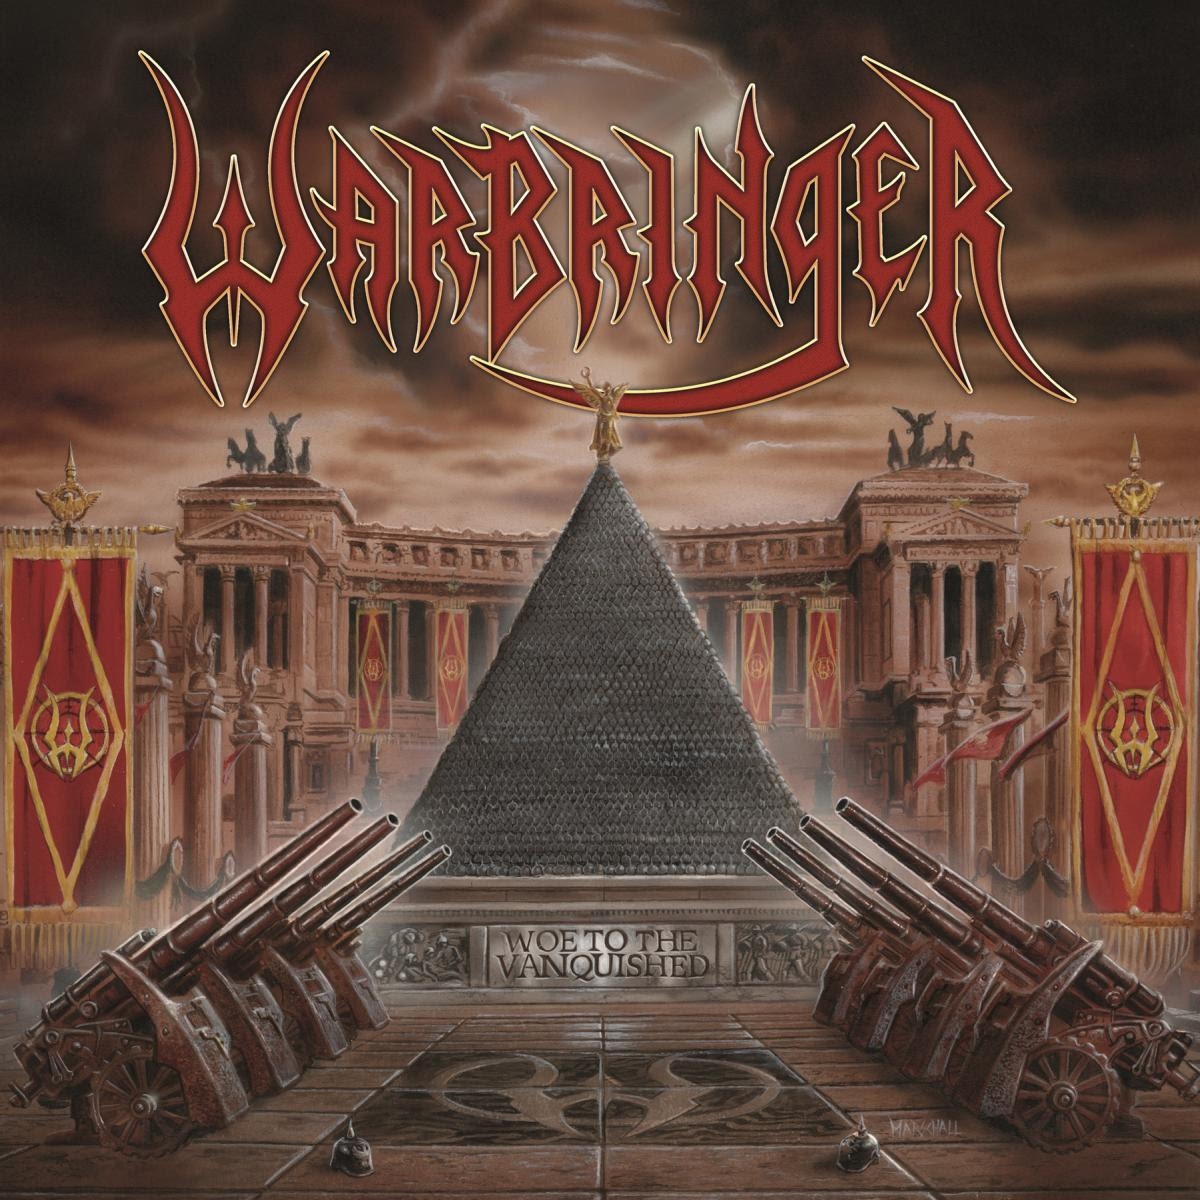 Warbringer album cover